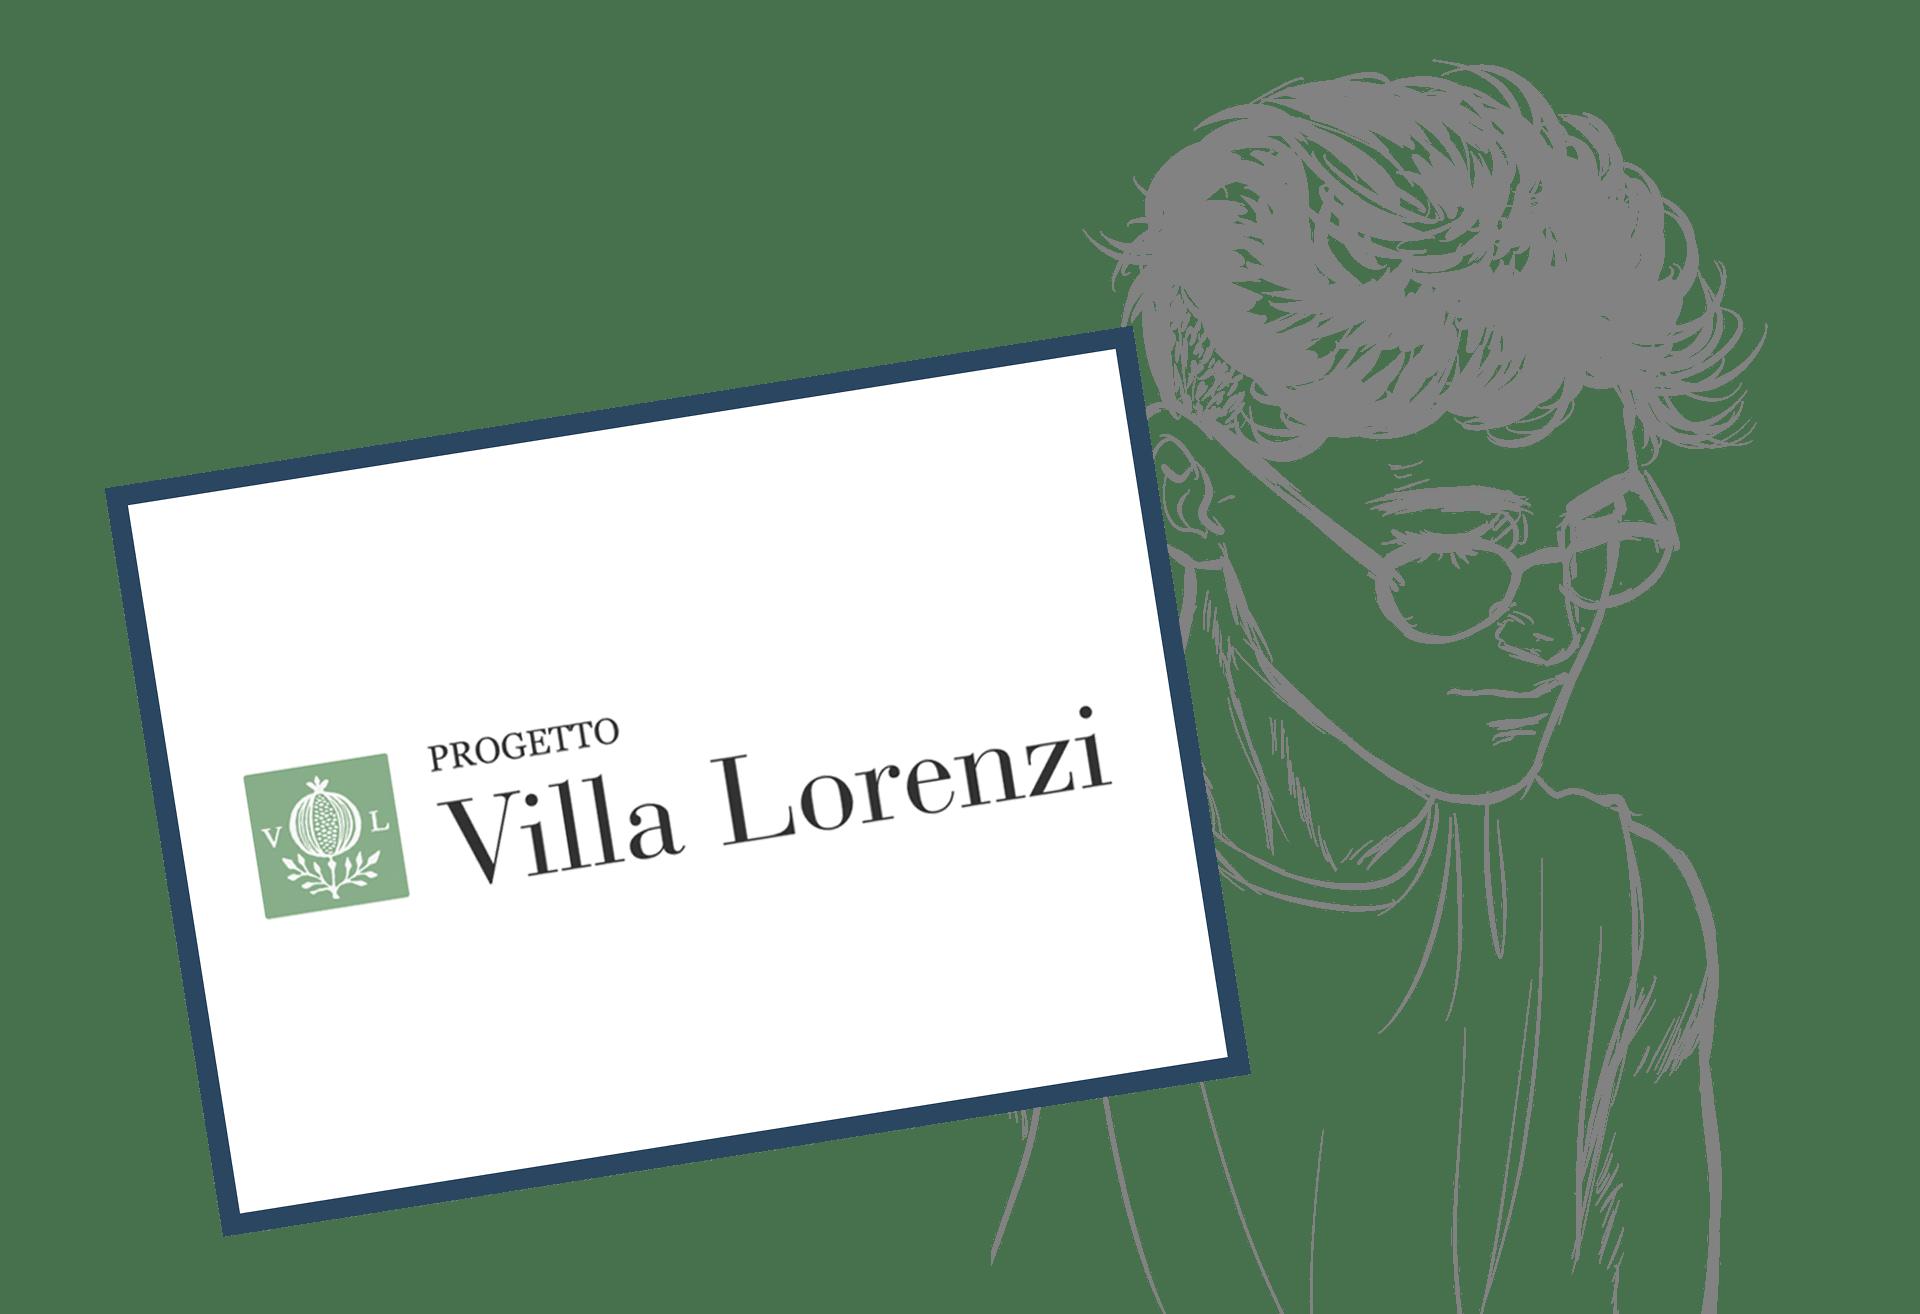 Progetto Giovani - Villa Lorenzi